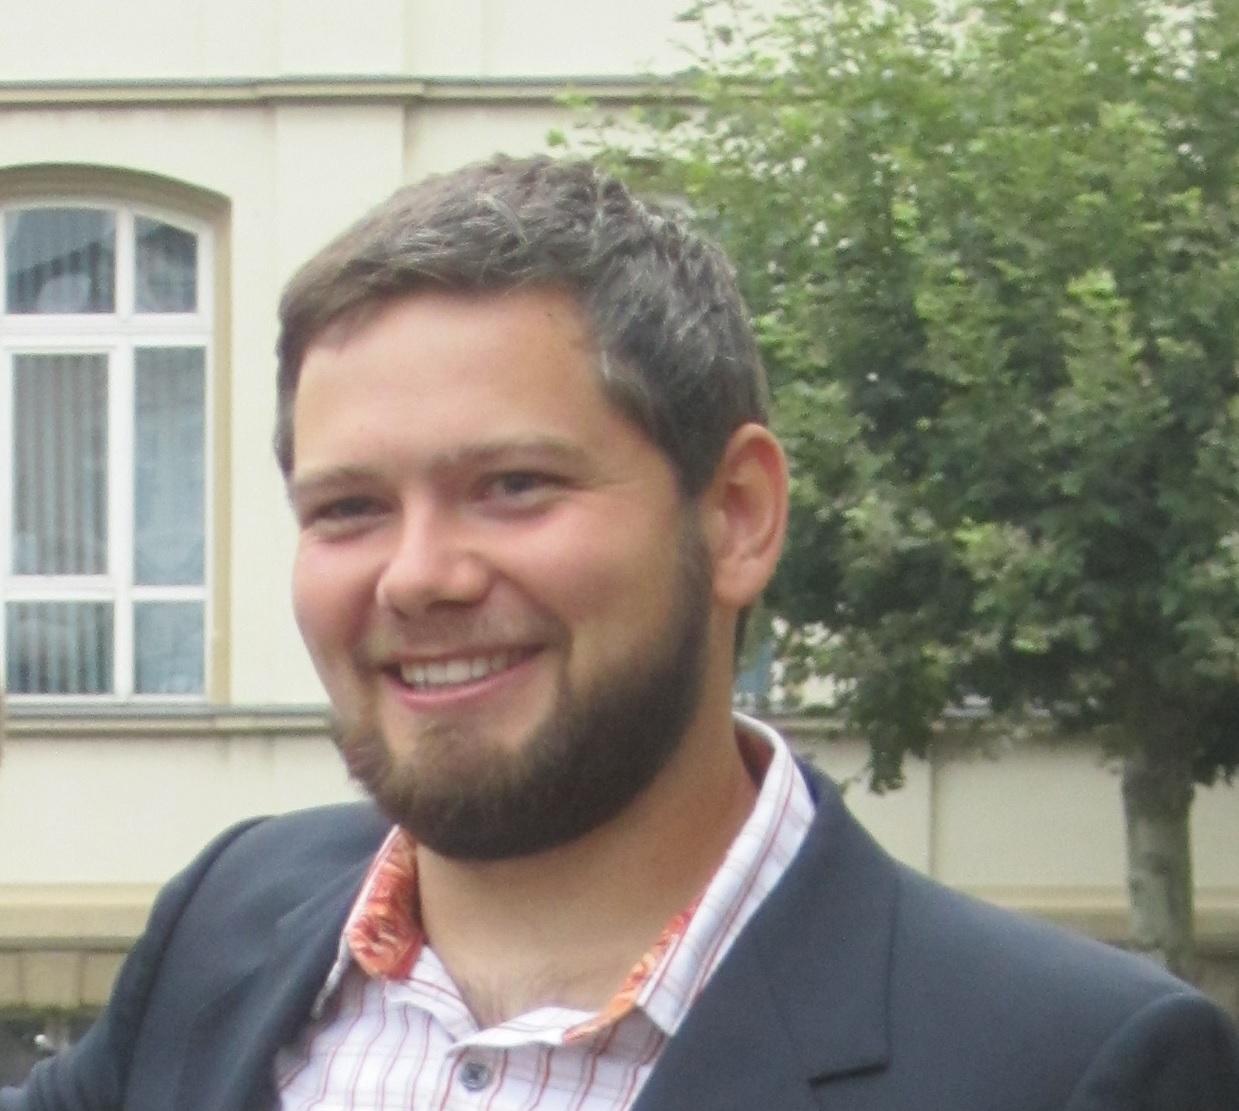 Christopher Klinke